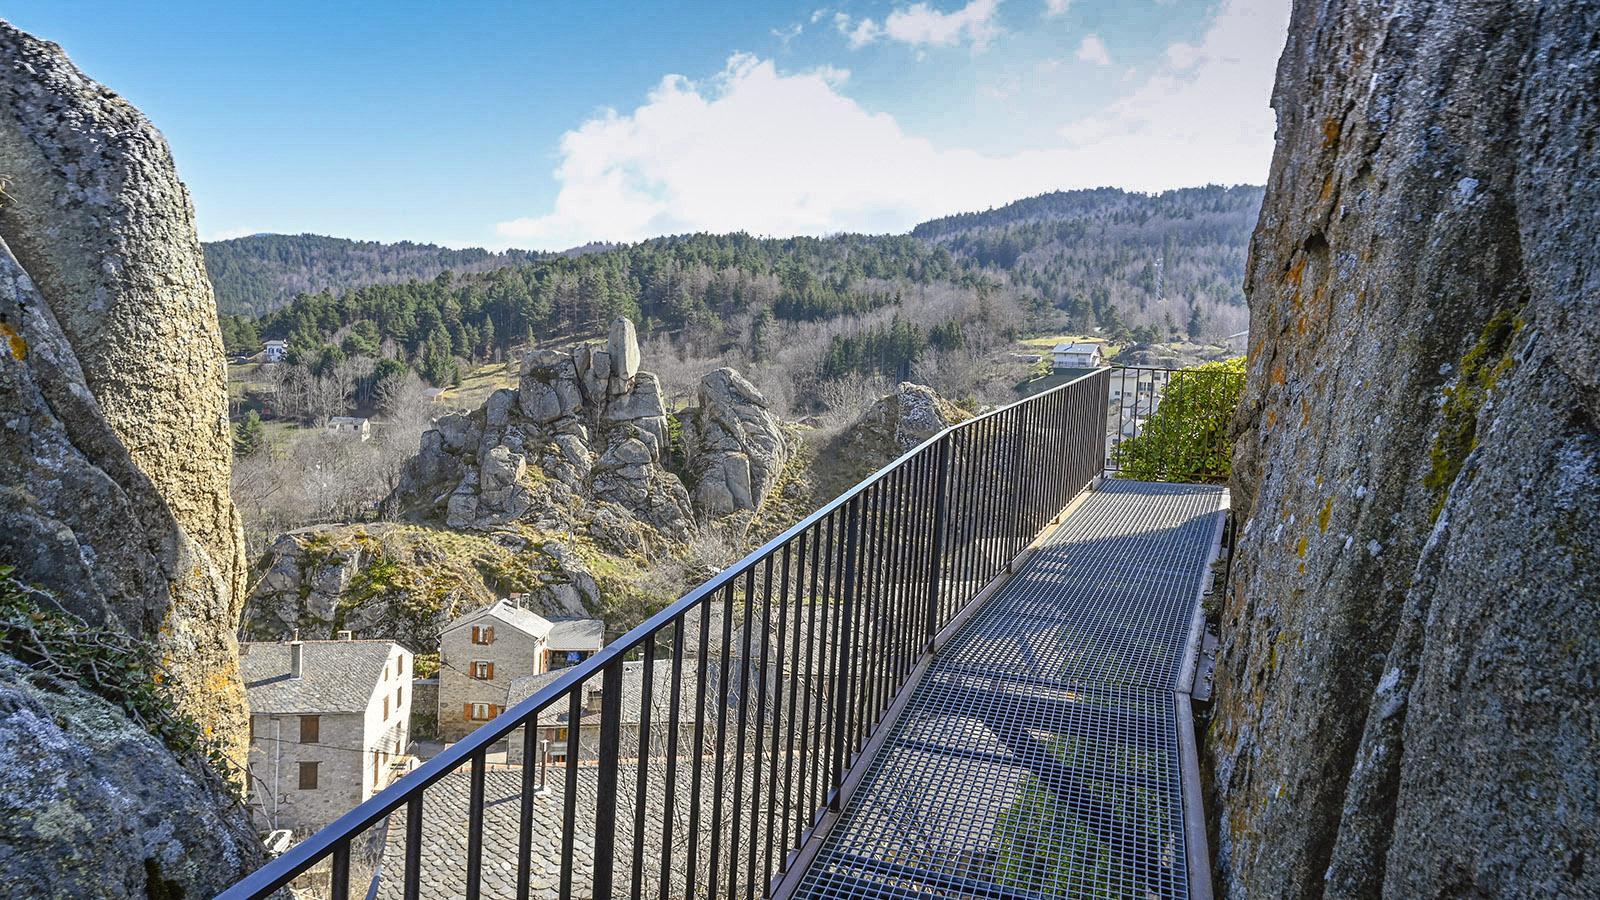 Der Zugang zur Burg mit seinen Gitterrosten. Foto: Hilke Maunder